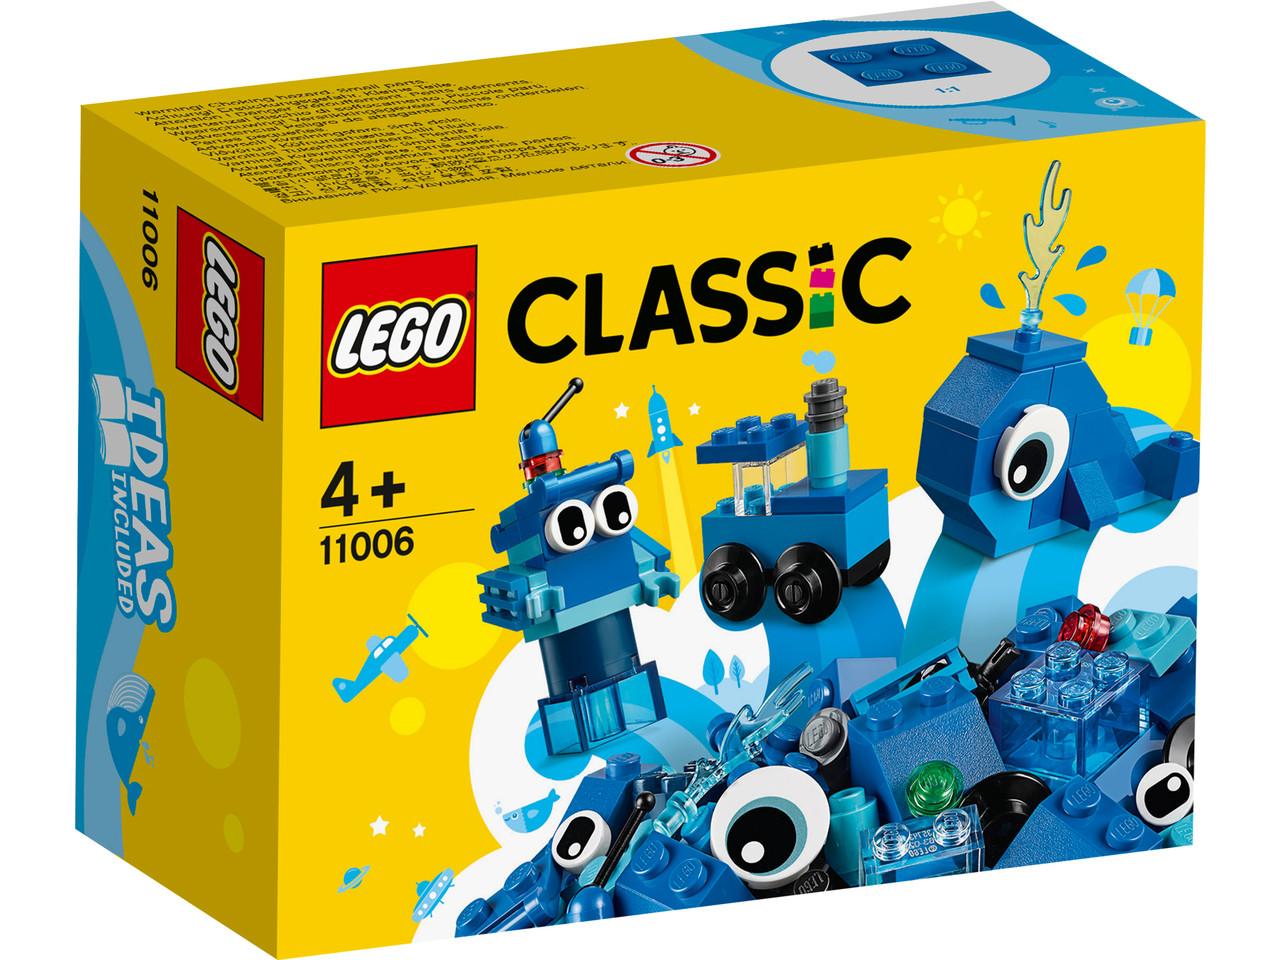 LEGO Classic 11006 Синий набор для конструирования, конструктор ЛЕГО - фото 2